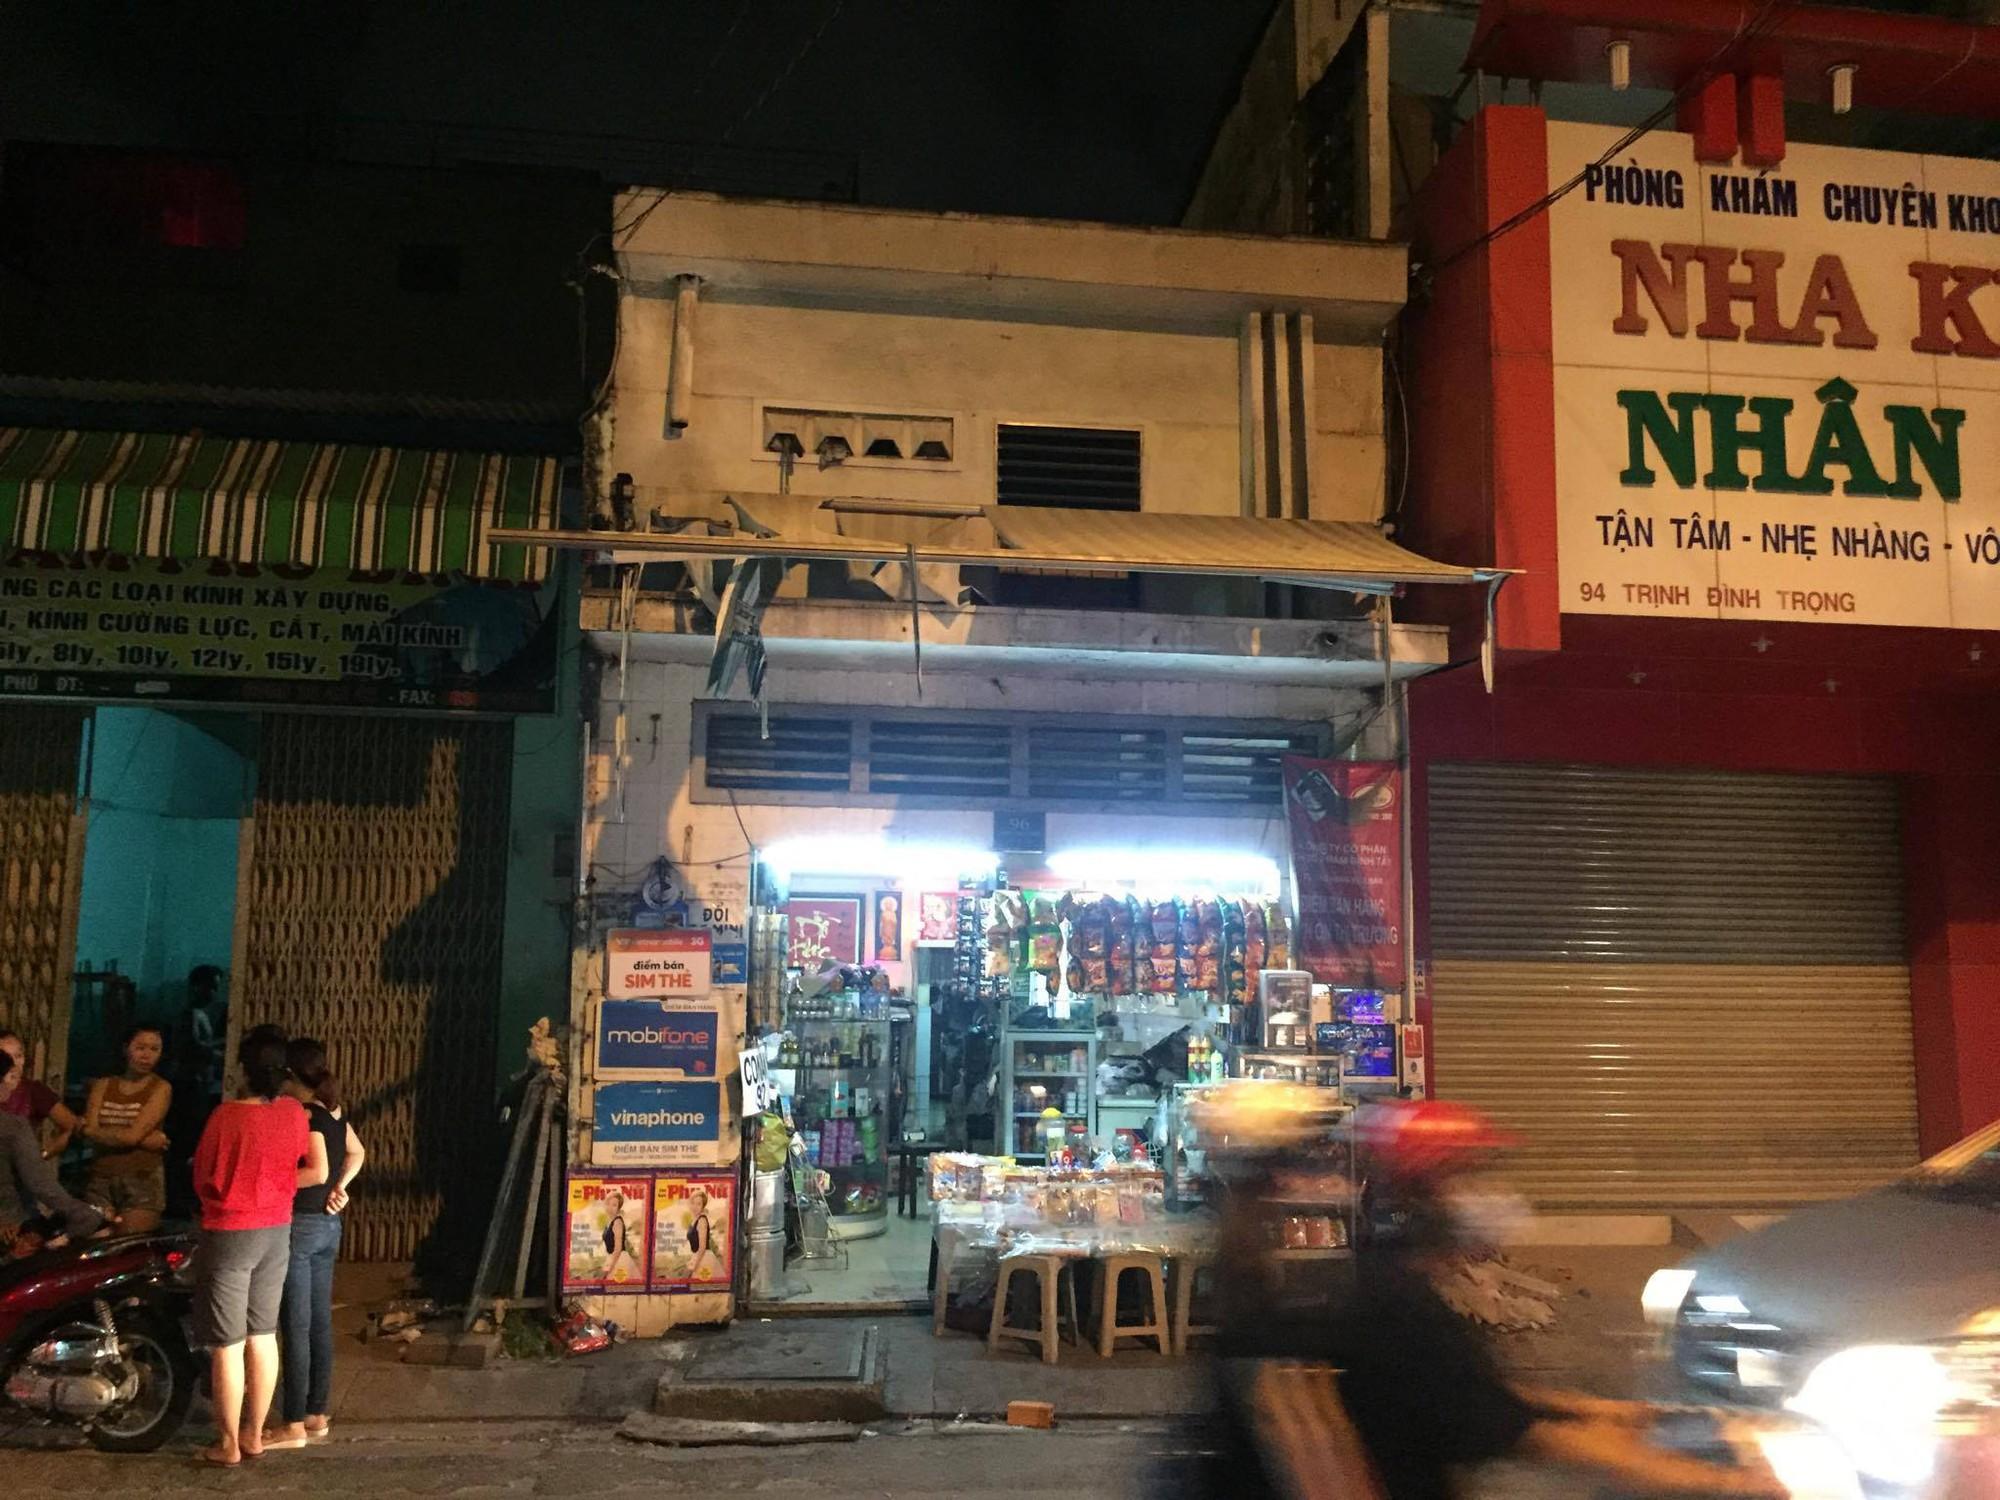 Đang đi mua bánh, bé trai 6 tuổi bị bảo vệ dân phố dùng dao sát hại giữa đường Sài Gòn - Ảnh 2.